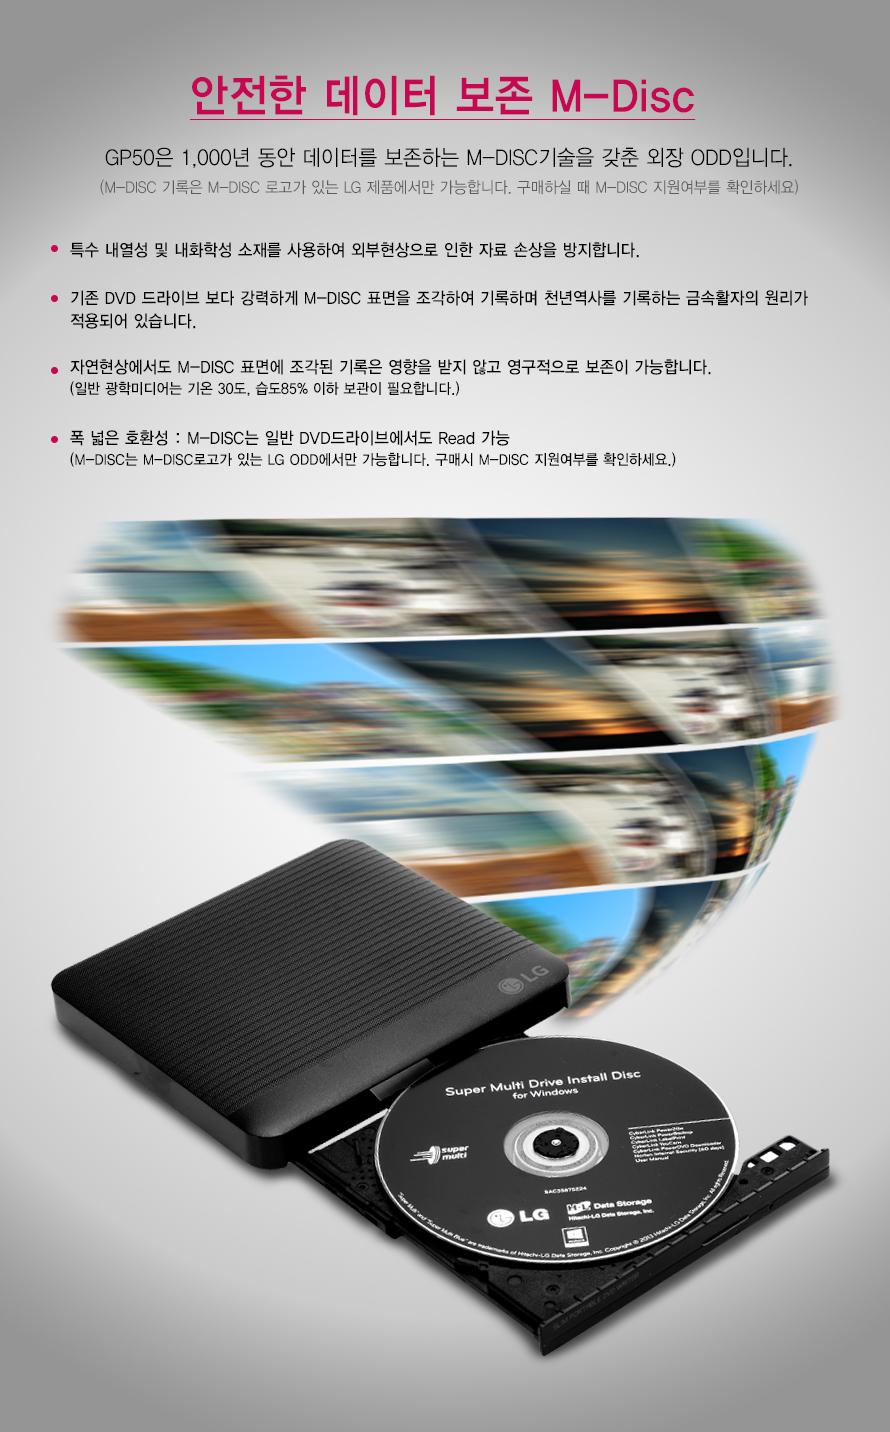 안전한 데이터 보존 M-Disc    GP50은 1,000년 동안 데이터를 보존하는 M-DISC기술을 갖춘 외장 ODD입니다.    (M-DISC 기록은 M-DISC 로고가 있는 LG 제품에서만 가능합니다. 구매하실 때 M-DISC 지원여부를 확인하세요)    특수 내열성 및 내화학성 소재를 사용하여 외부현상으로 인한 자료 손상을 방지합니다.     기존 DVD 드라이브 보다 강력하게 M-DISC 표면을 조각하여 기록하며 천년역사를 기록하는 금속활자의 원리가적용되어 있습니다.자연현상에서도 M-DISC 표면에 조각된 기록은 영향을 받지 않고 영구적으로 보존이 가능합니다.(일반 광학미디어는 기온 30도, 습도85% 이하 보관이 필요합니다.)폭 넓은 호환성 : M-DISC는 일반 DVD드라이브에서도 Read 가능(M-DISC는 M-DISC로고가 있는 LG ODD에서만 가능합니다. 구매시 M-DISC 지원여부를 확인하세요.)